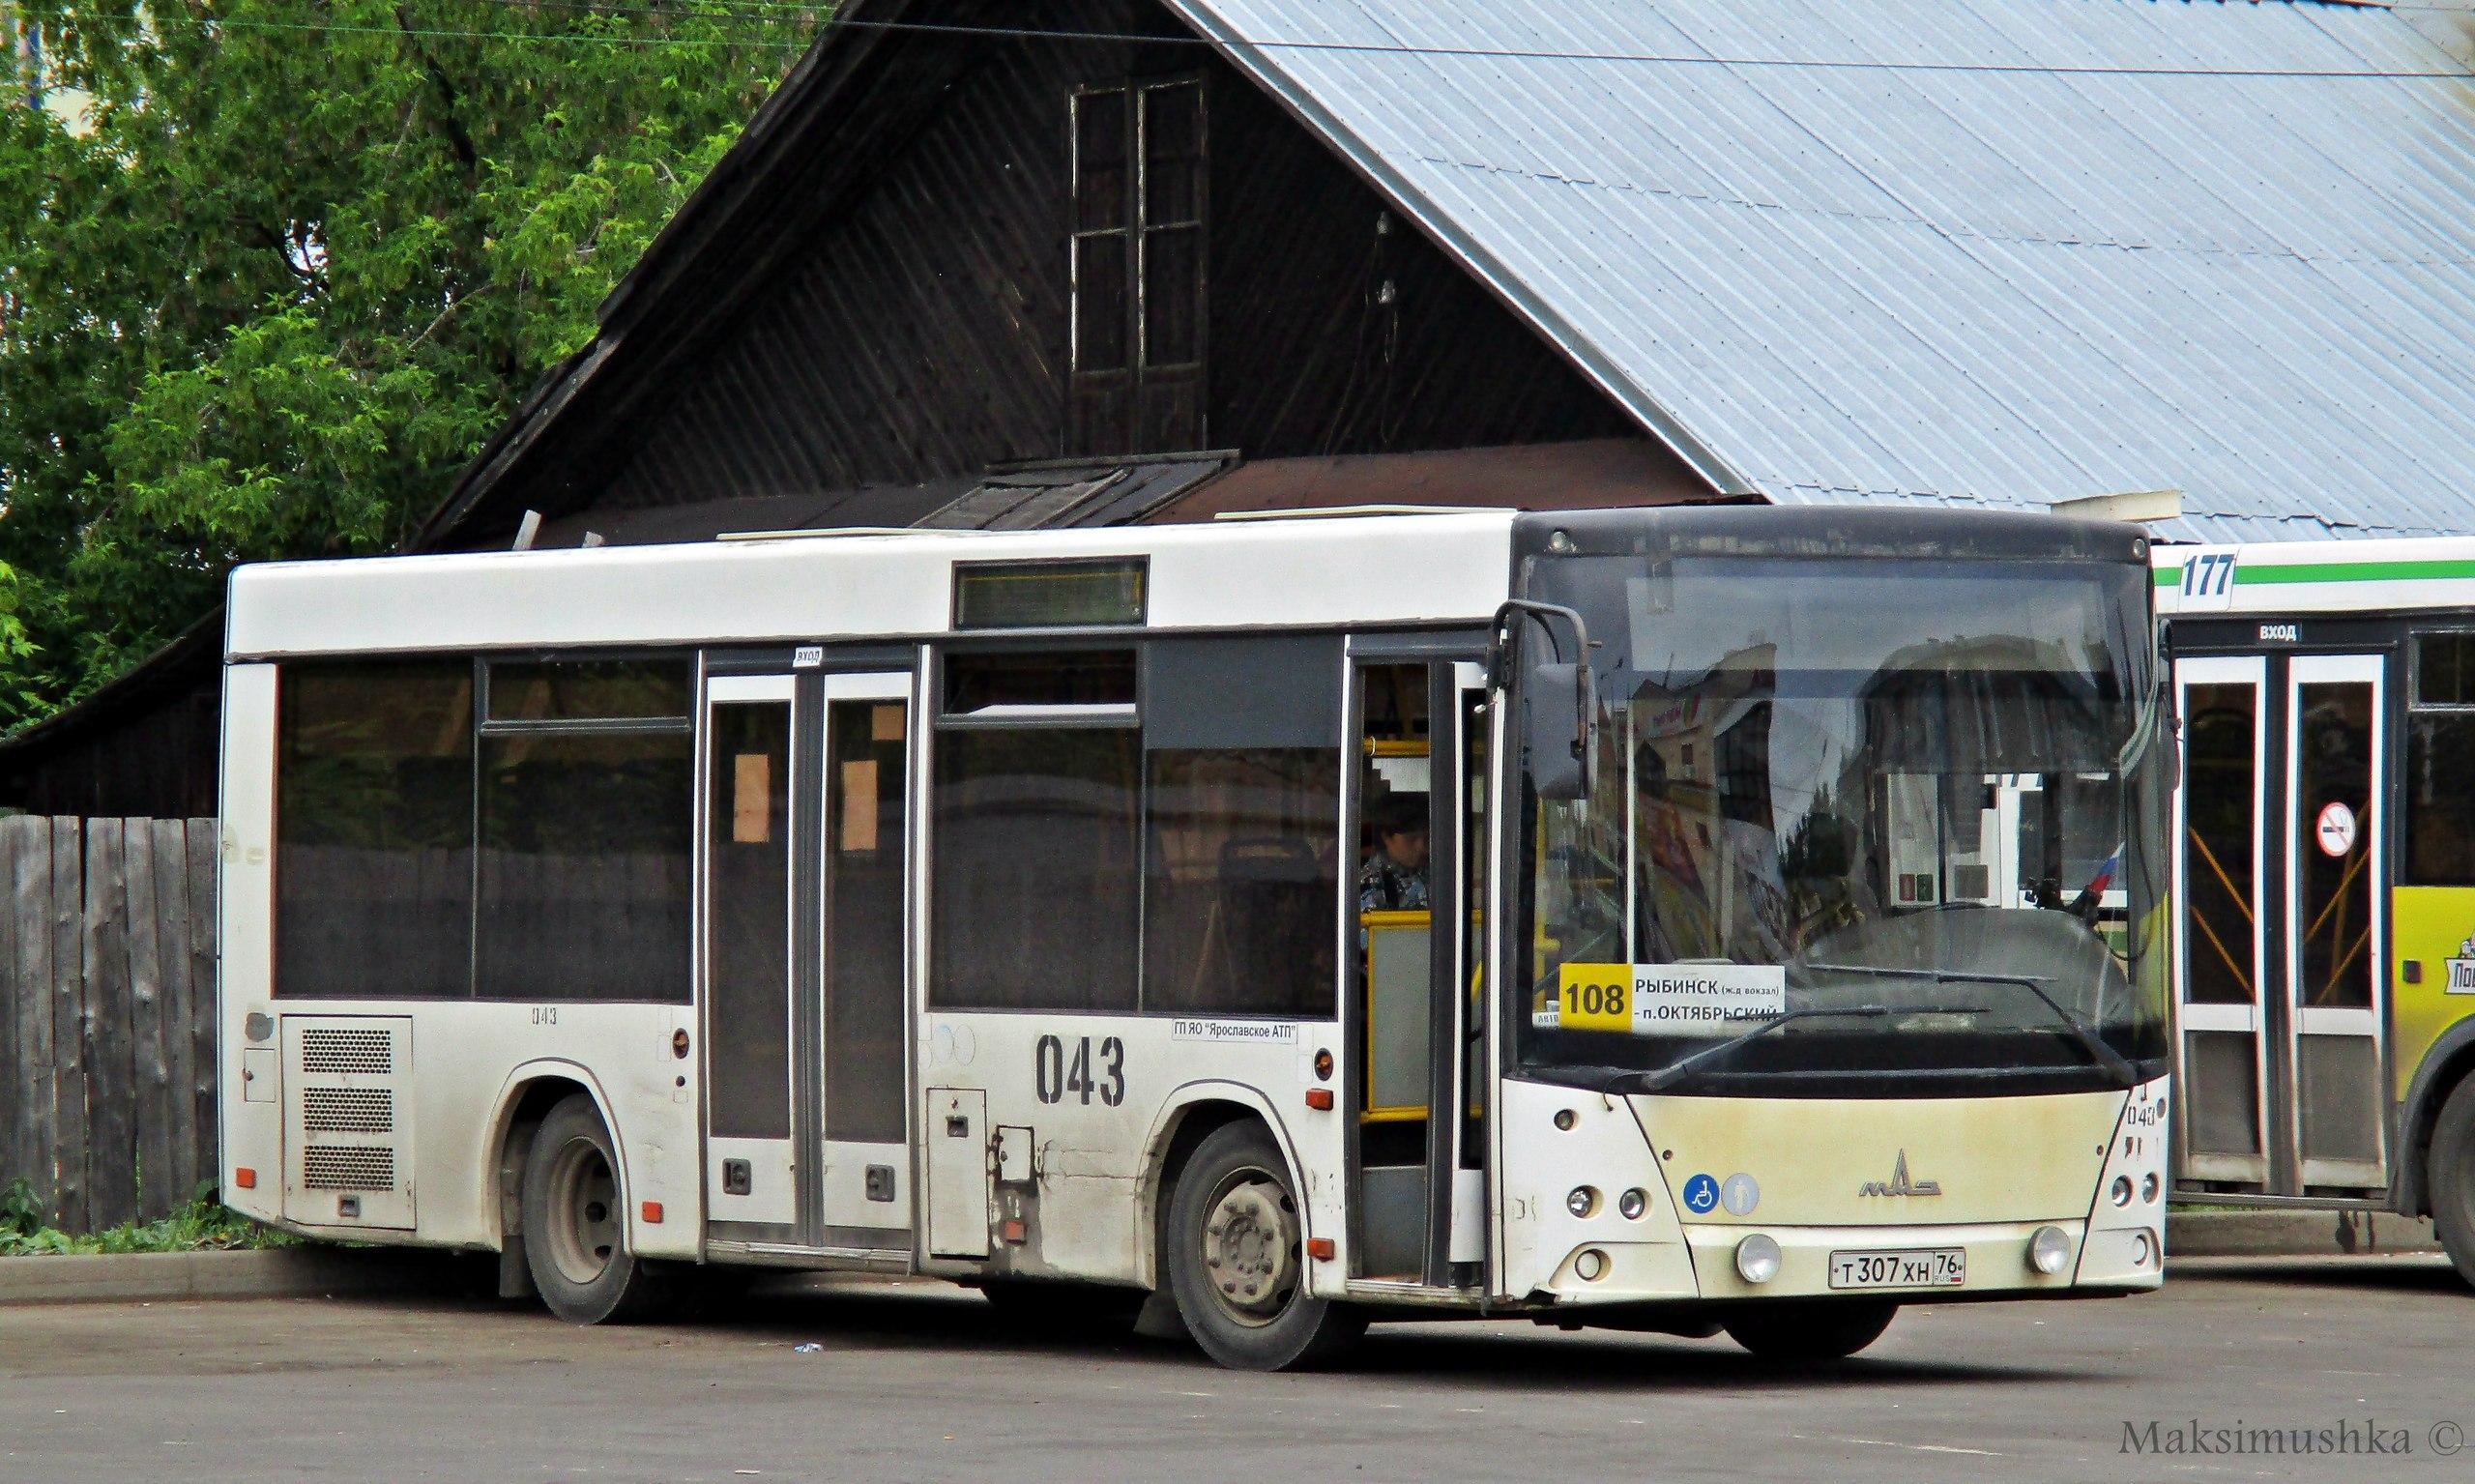 Автобус №108. Стоянка.